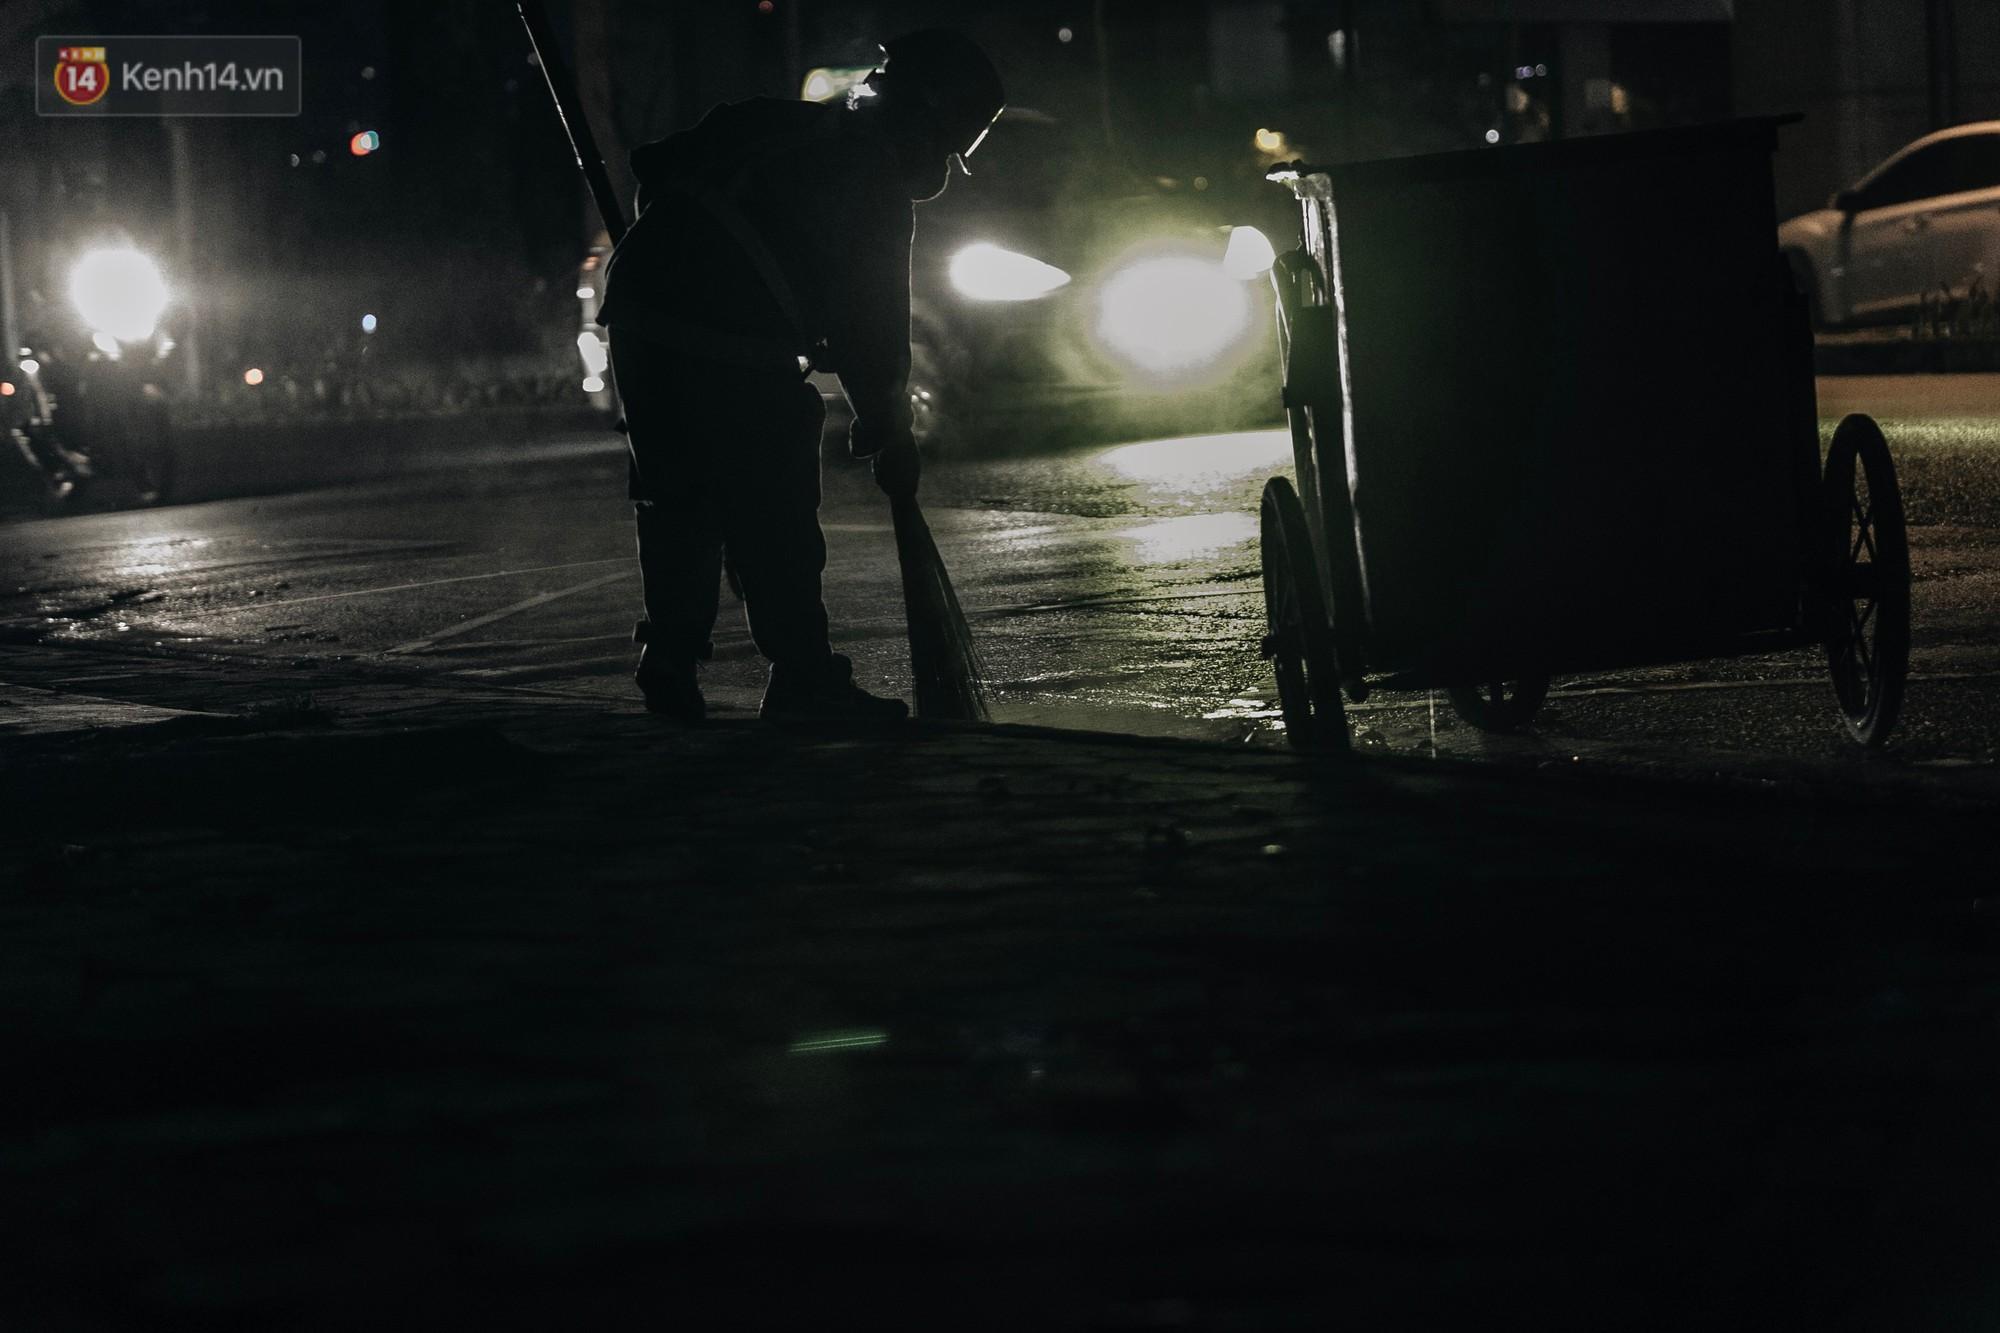 Sự ra đi của nữ công nhân môi trường và nỗi ám ảnh người ở lại: Những phận đời phu rác bám đường phố Hà Nội mưu sinh-14